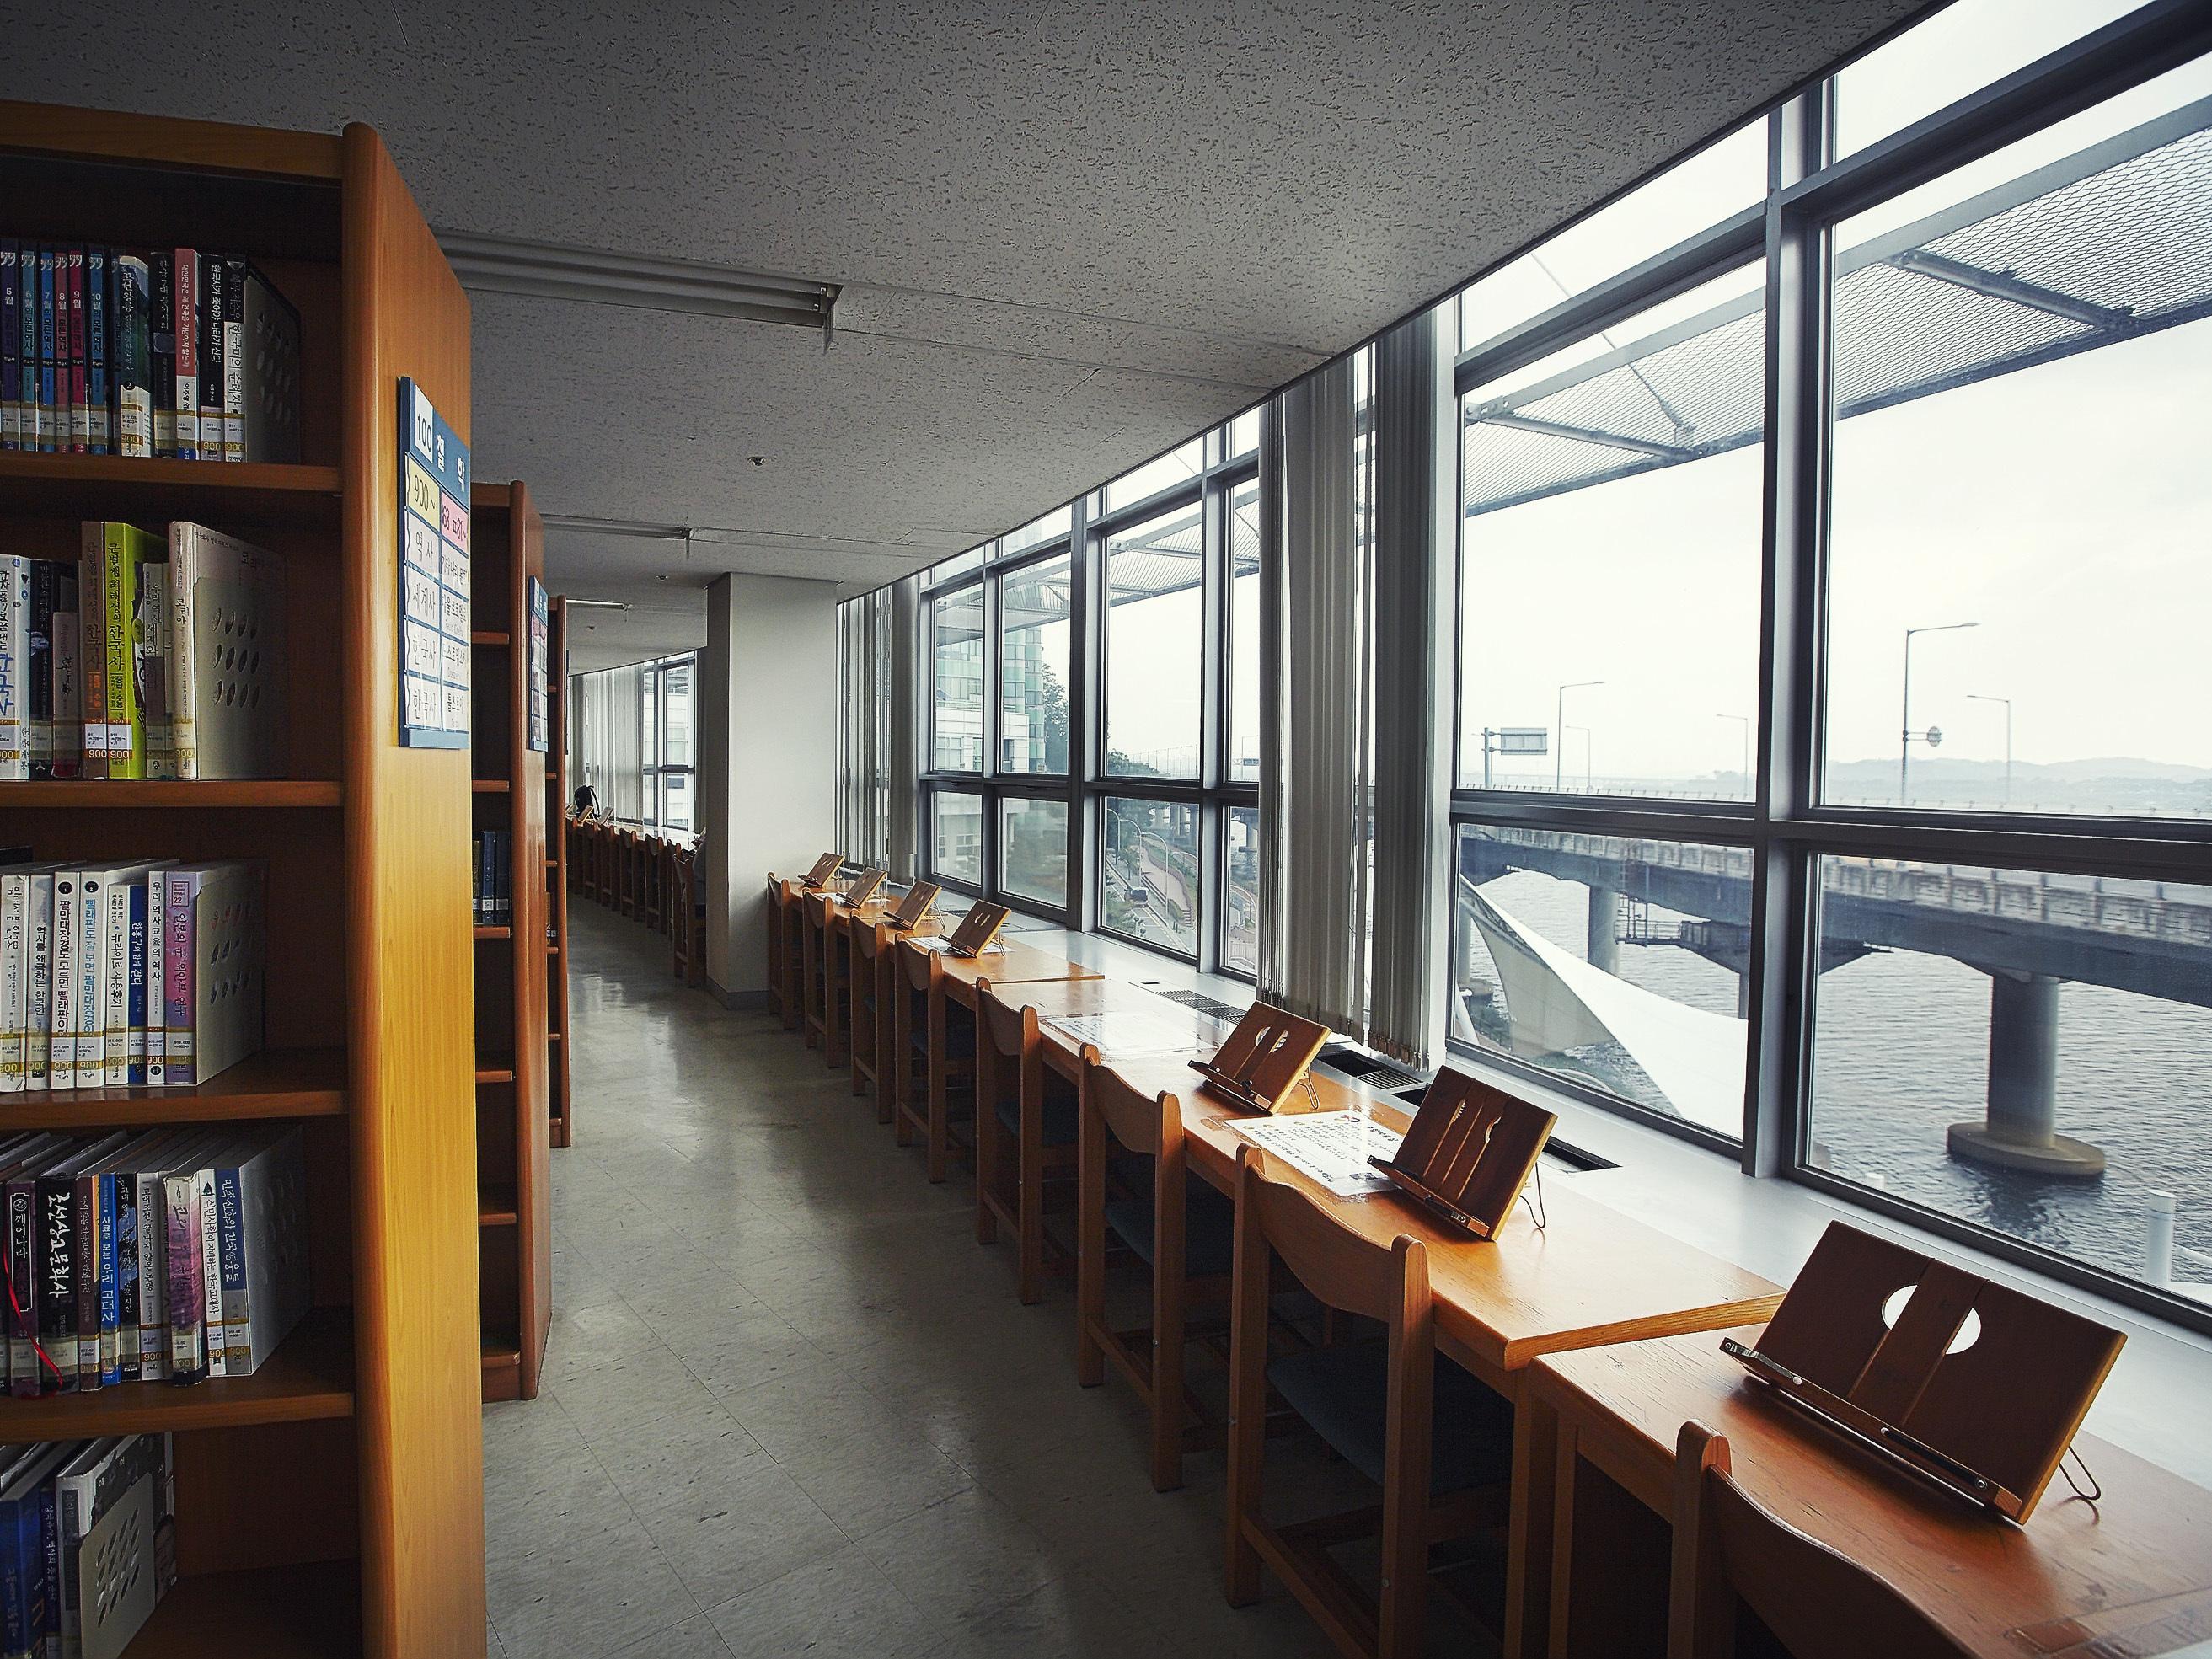 광진정보도서관